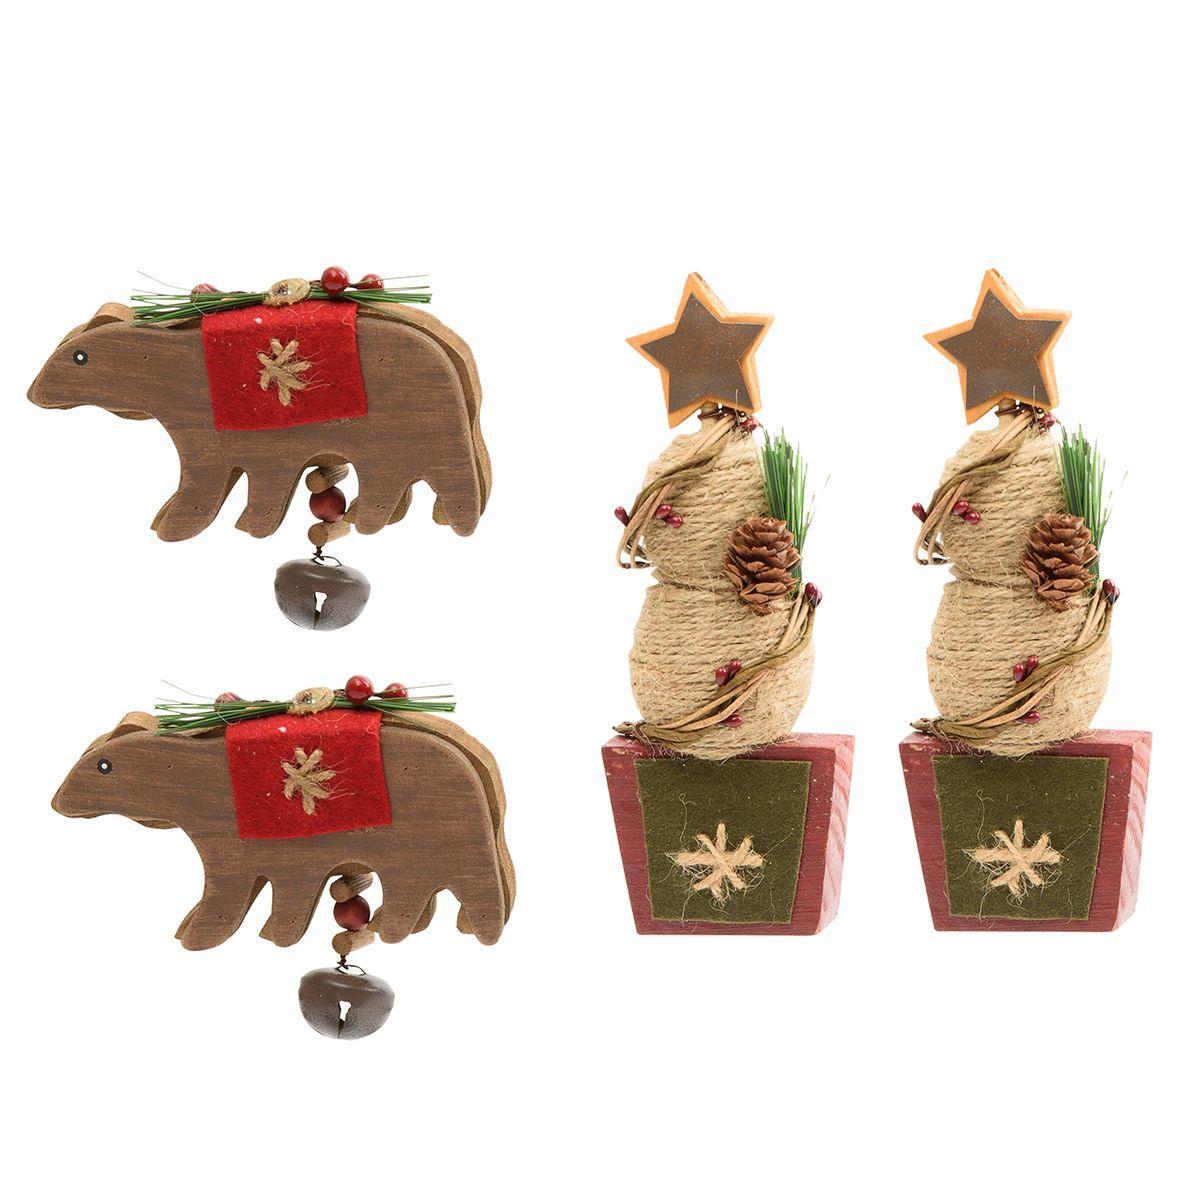 Набор из 4-х деревянных игрушек в виде медведей и ёлок